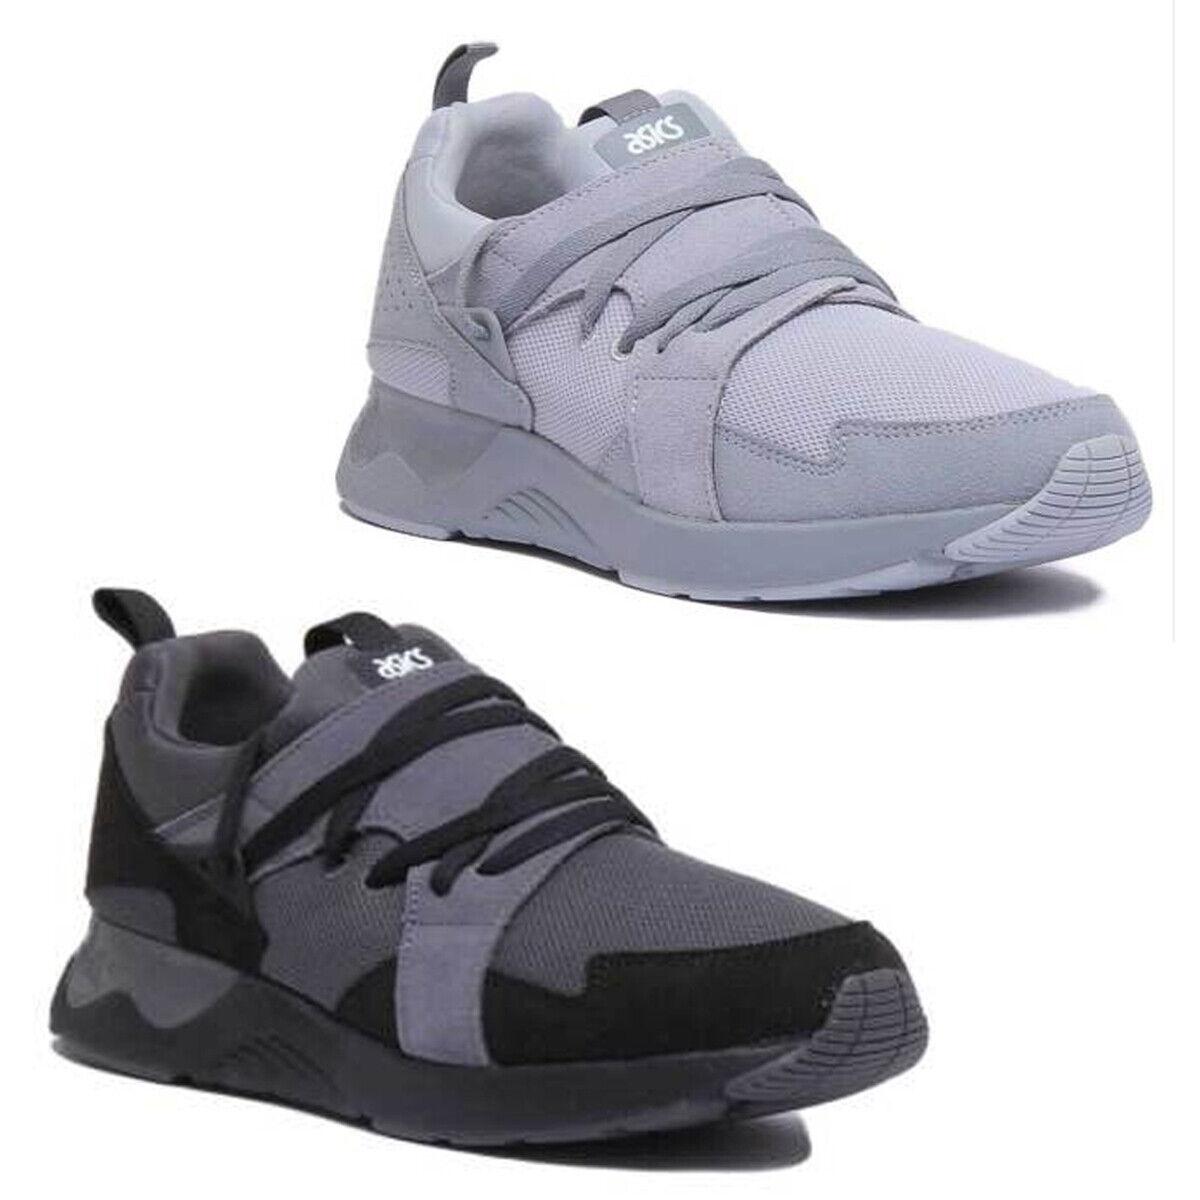 Rieker Samtcalf-Ambor Schuhe Men Herren Antistress Sneaker Halbschuhe B4942-25